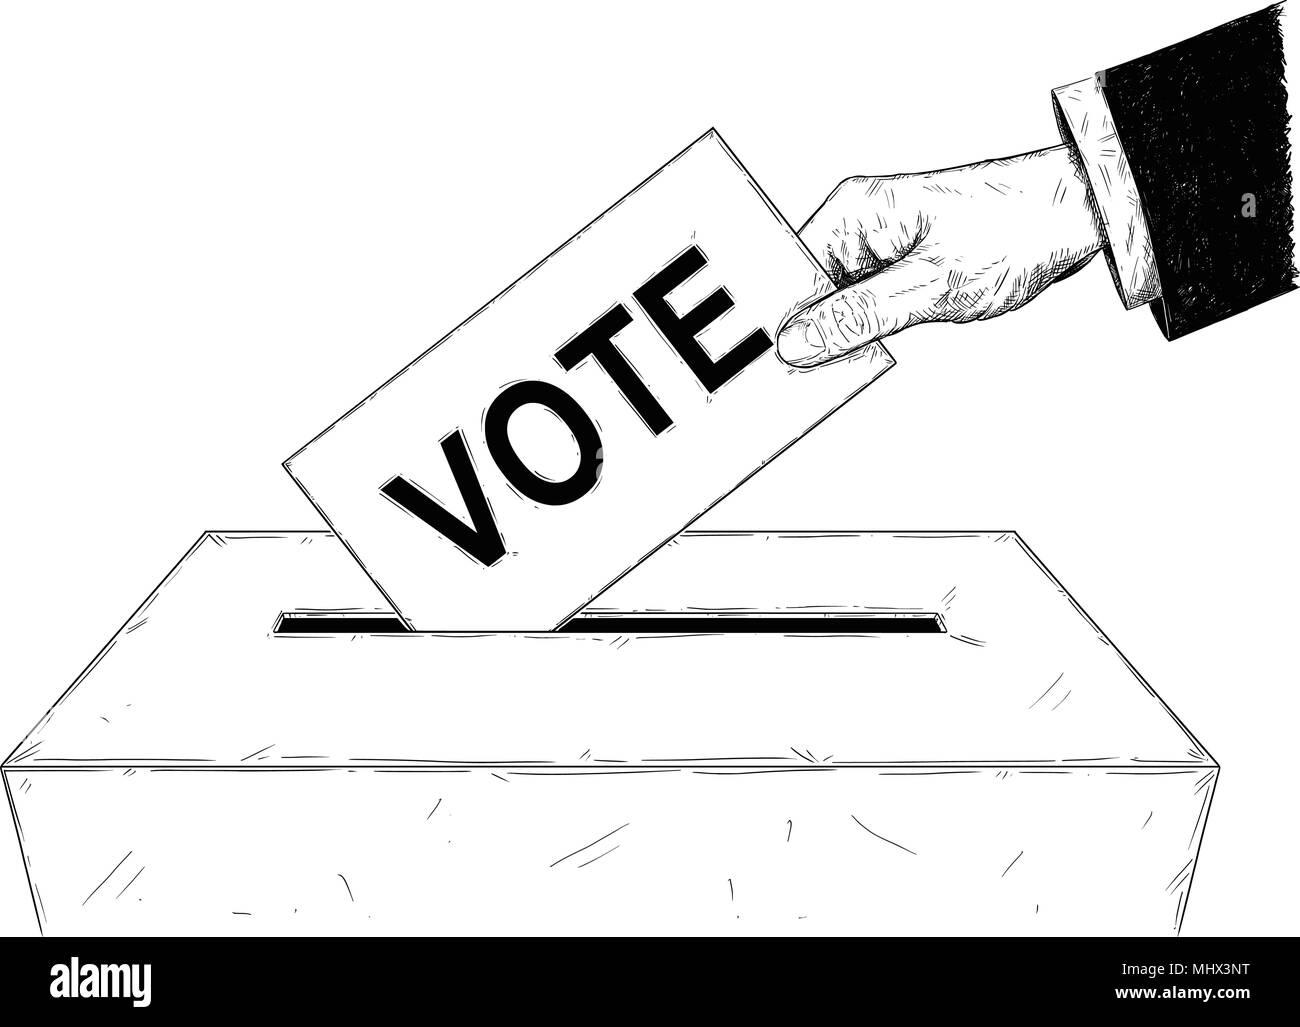 Dessin D Enveloppe vector illustration artistique ou d'un dessin de l'enveloppe de vote